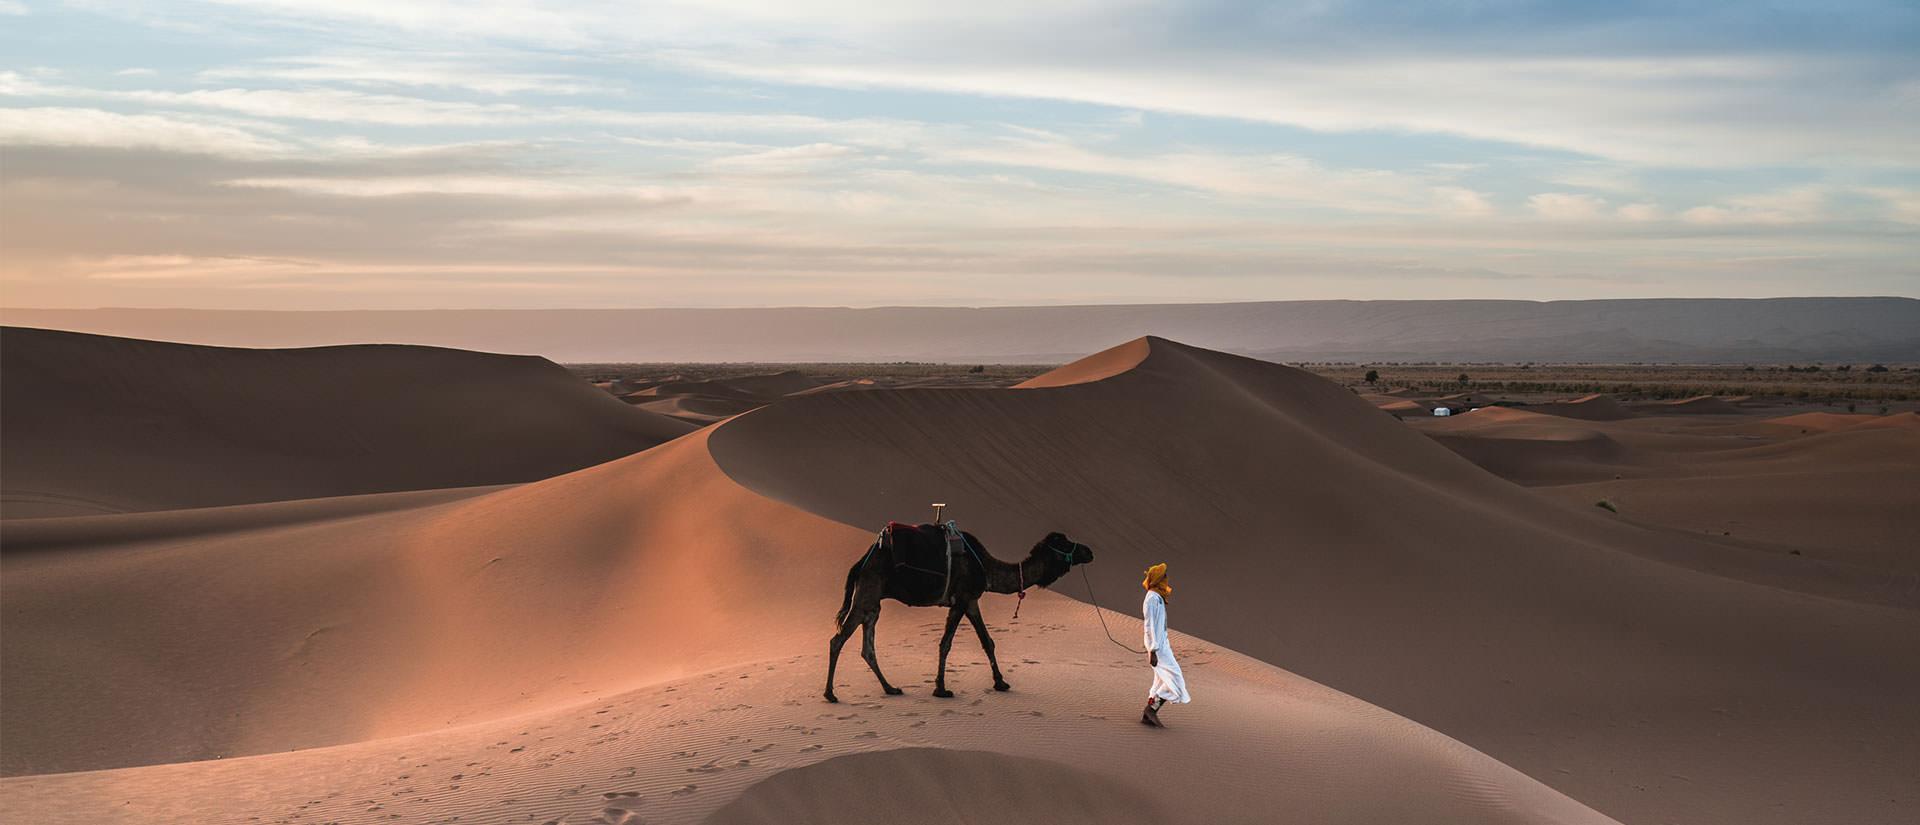 טיול למרוקו - 10 ימים - מהרי האטלס למדבר סהרה